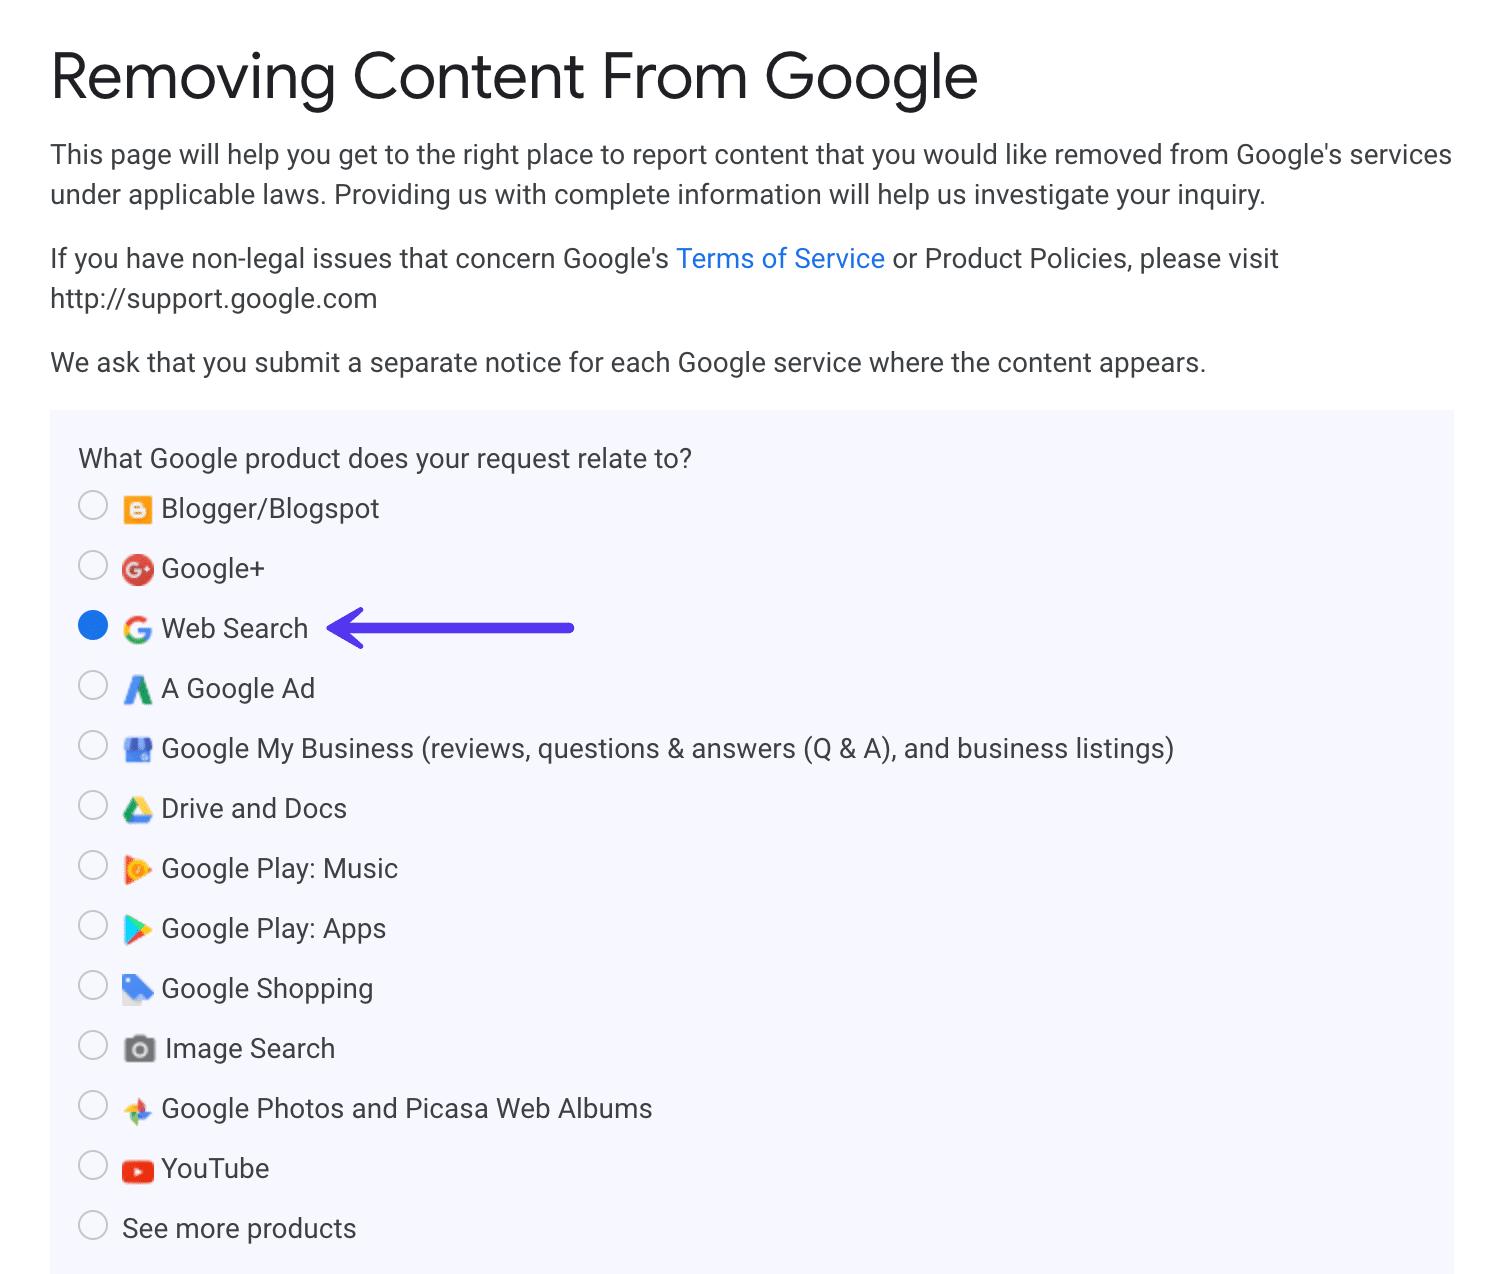 Verwijder content van Google Search